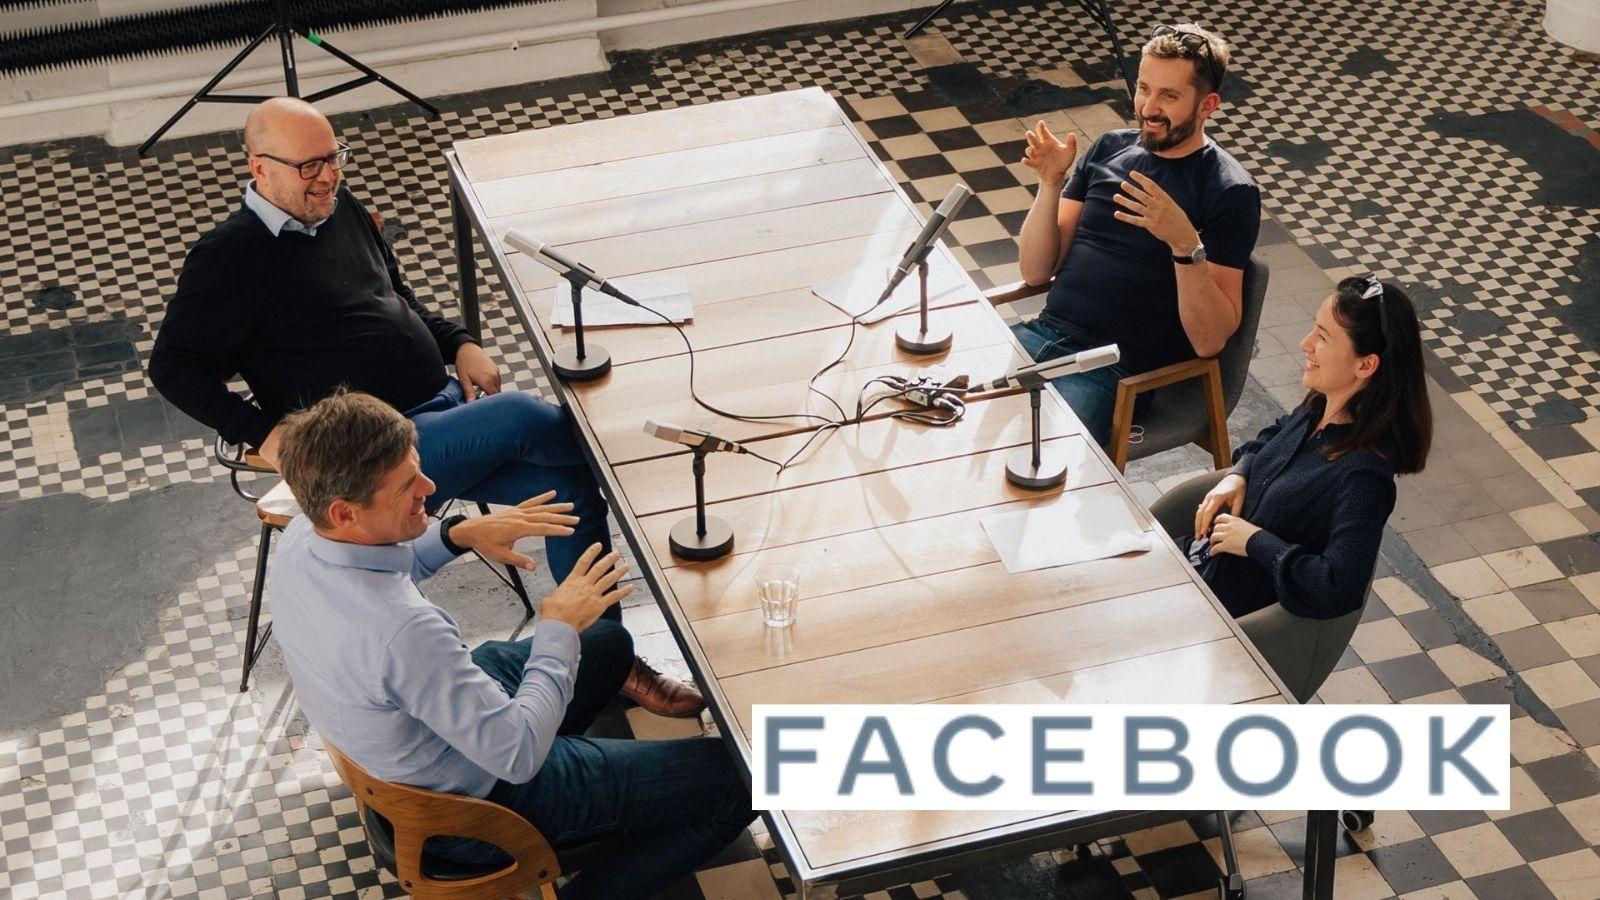 Facebook startuje z podcastem po polsku! Social media mediarun com rozmowy facebooka